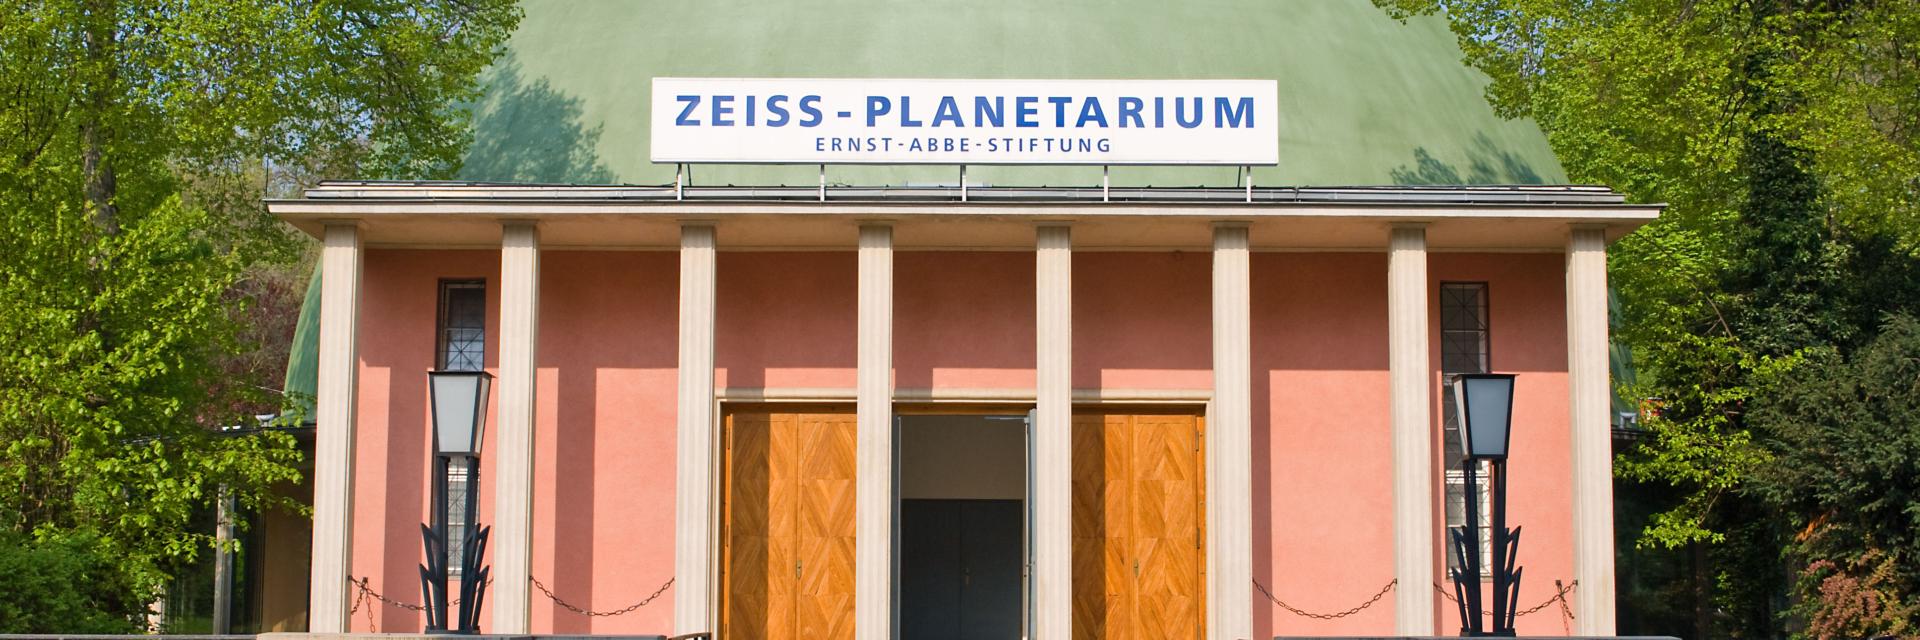 Außenansicht des Zeiss-Planetarium der Tagungsstadt Jena